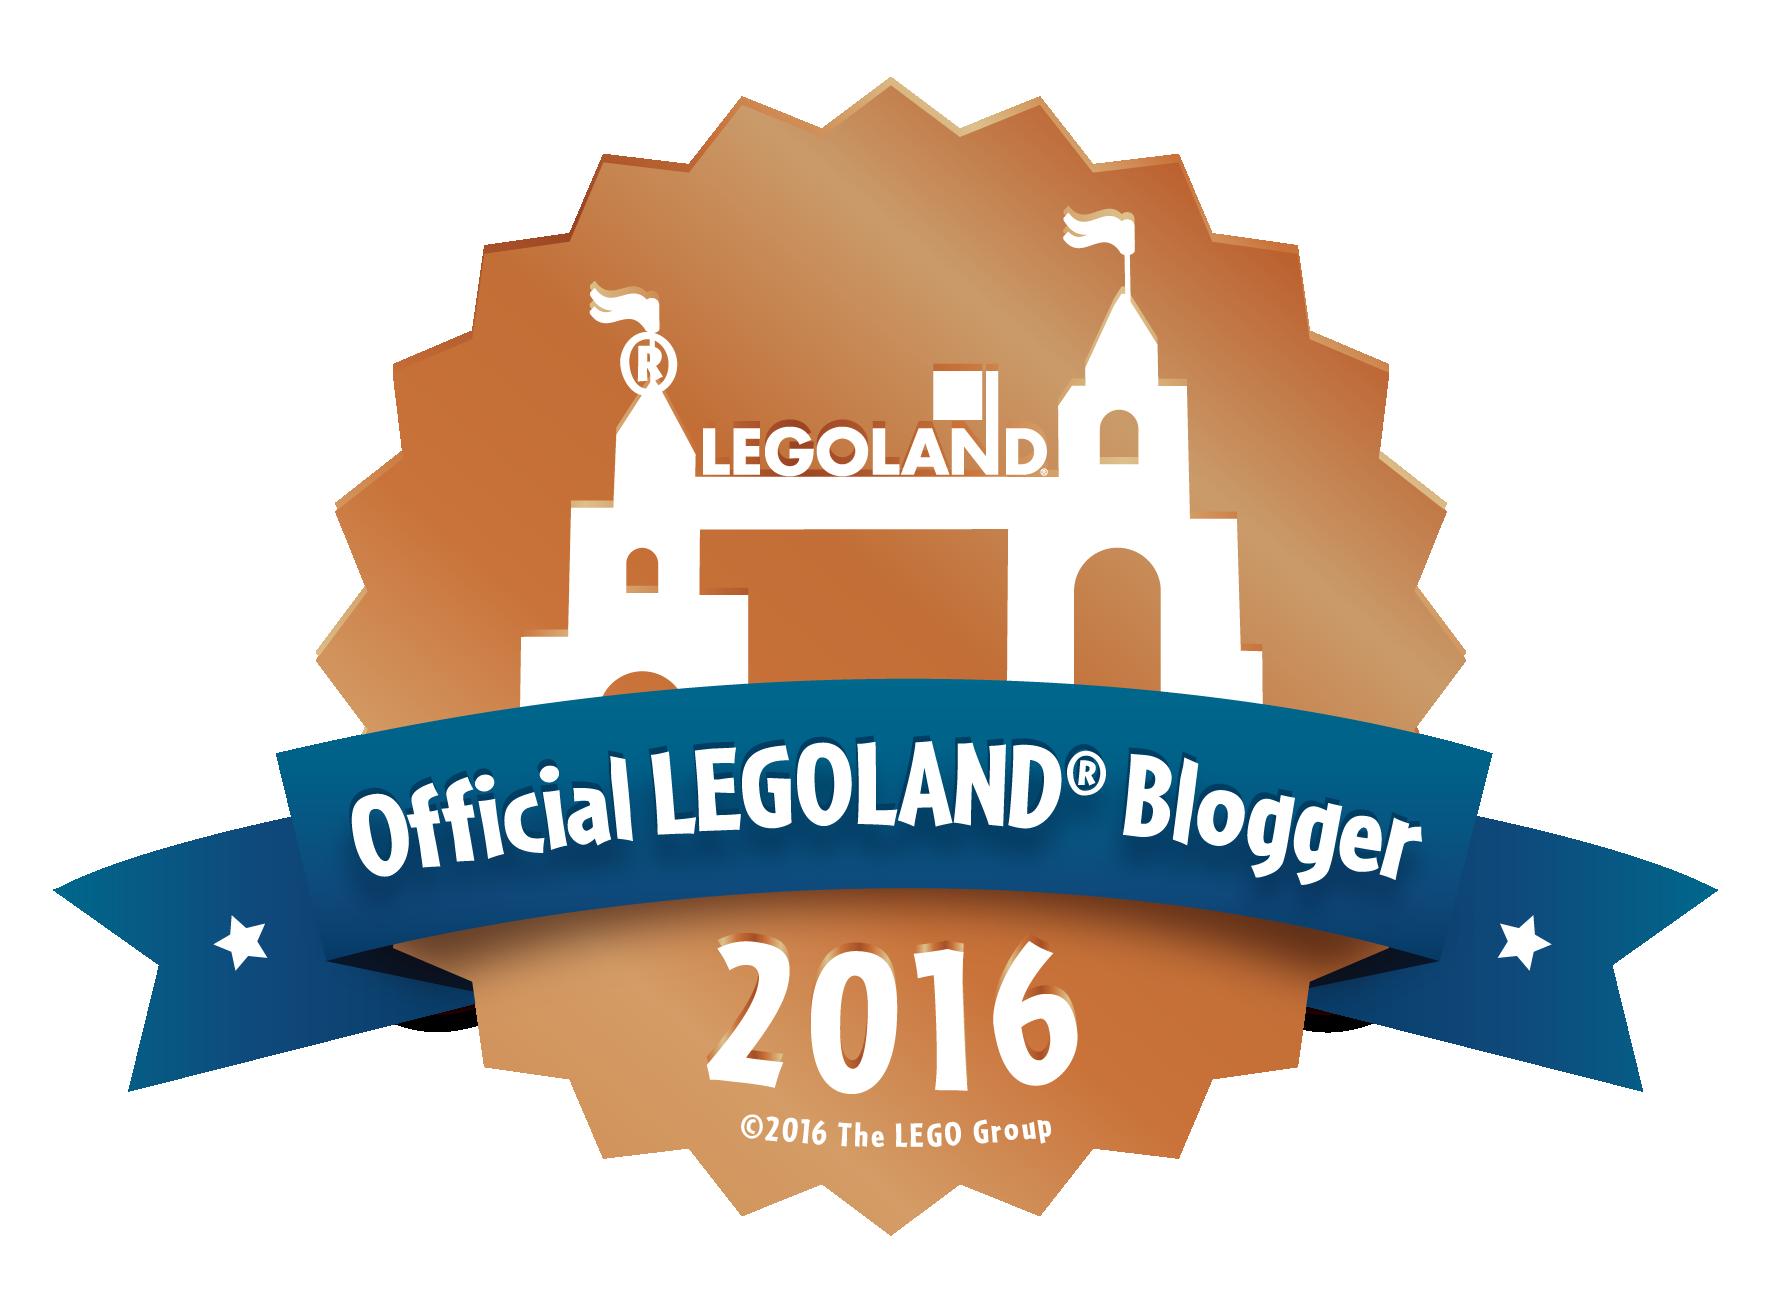 Legolander Blogger